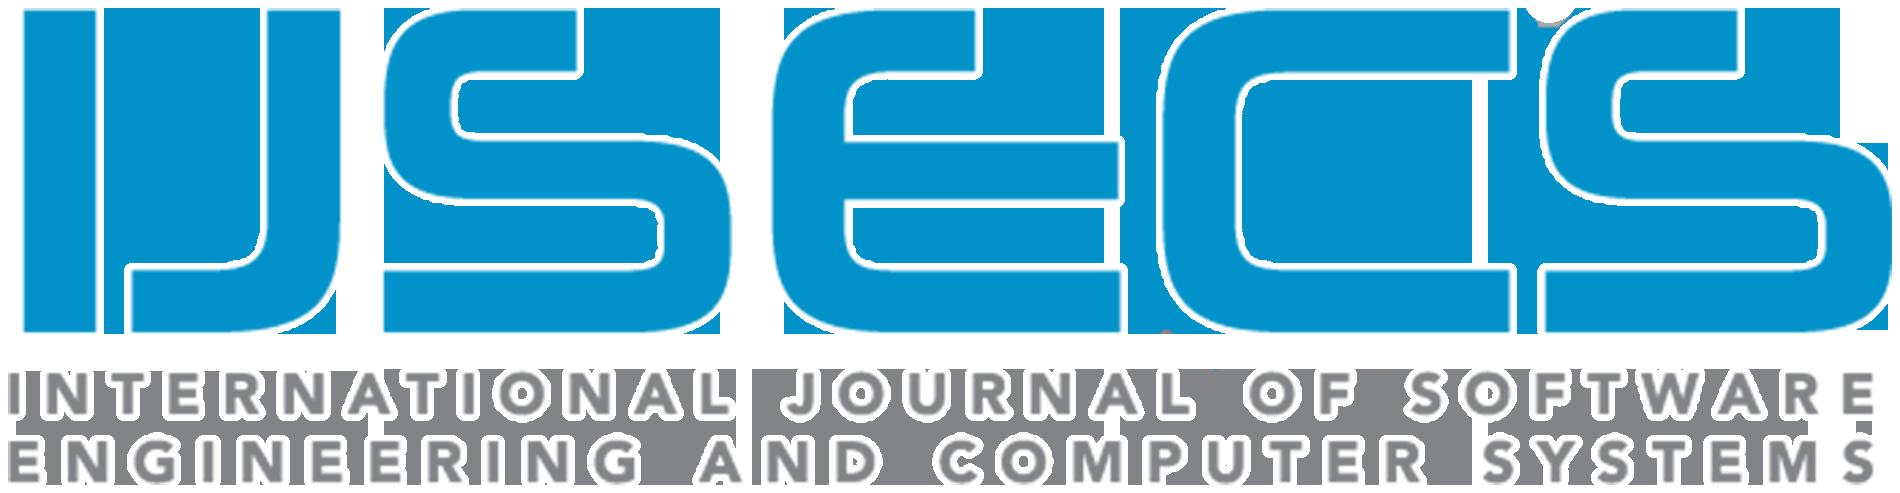 ijsecs-logo